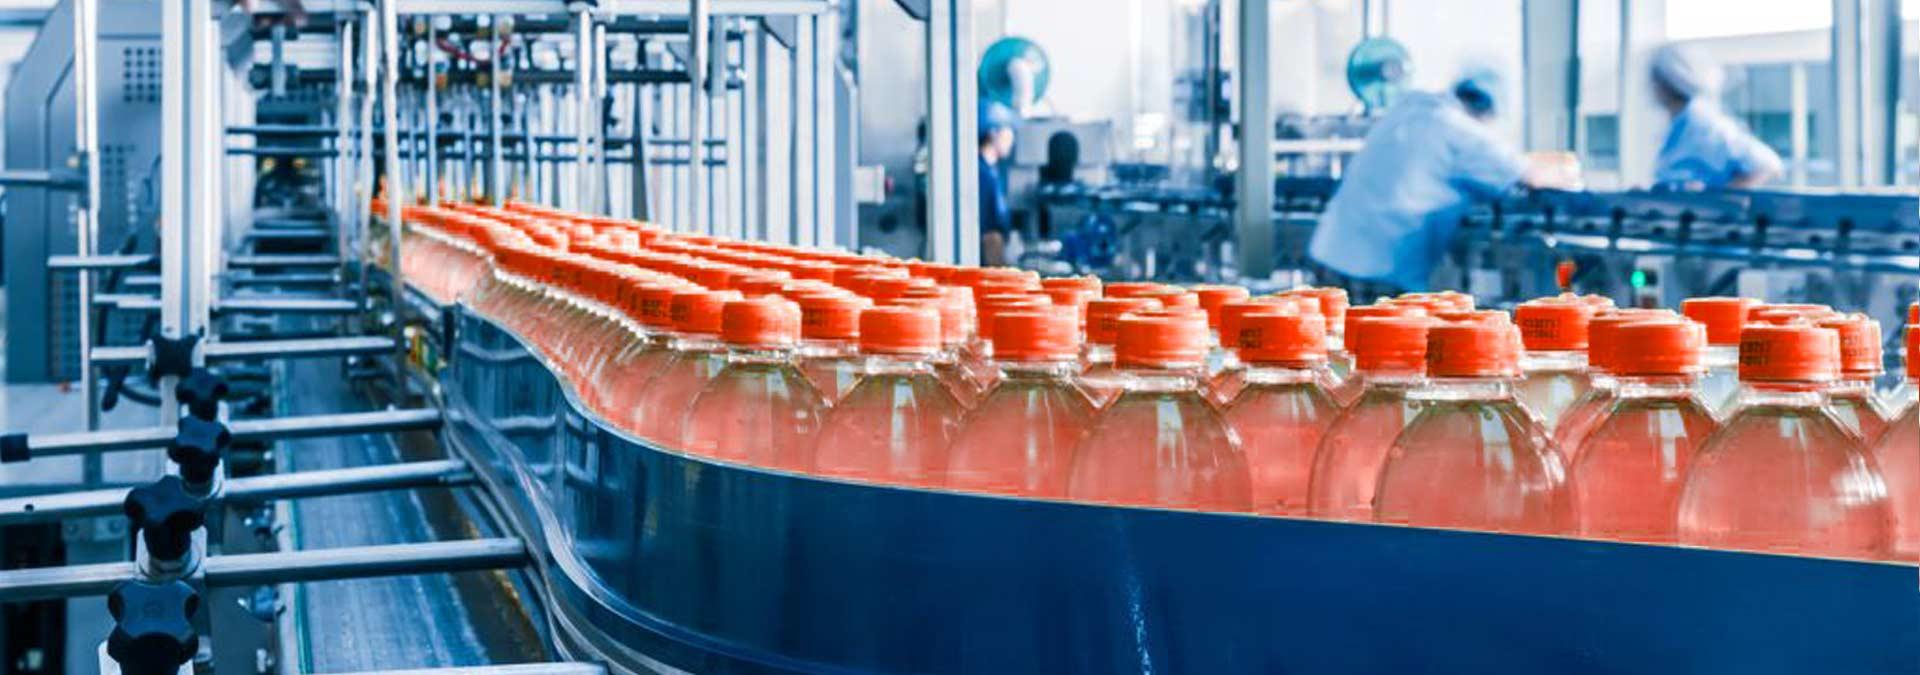 plastic-factory